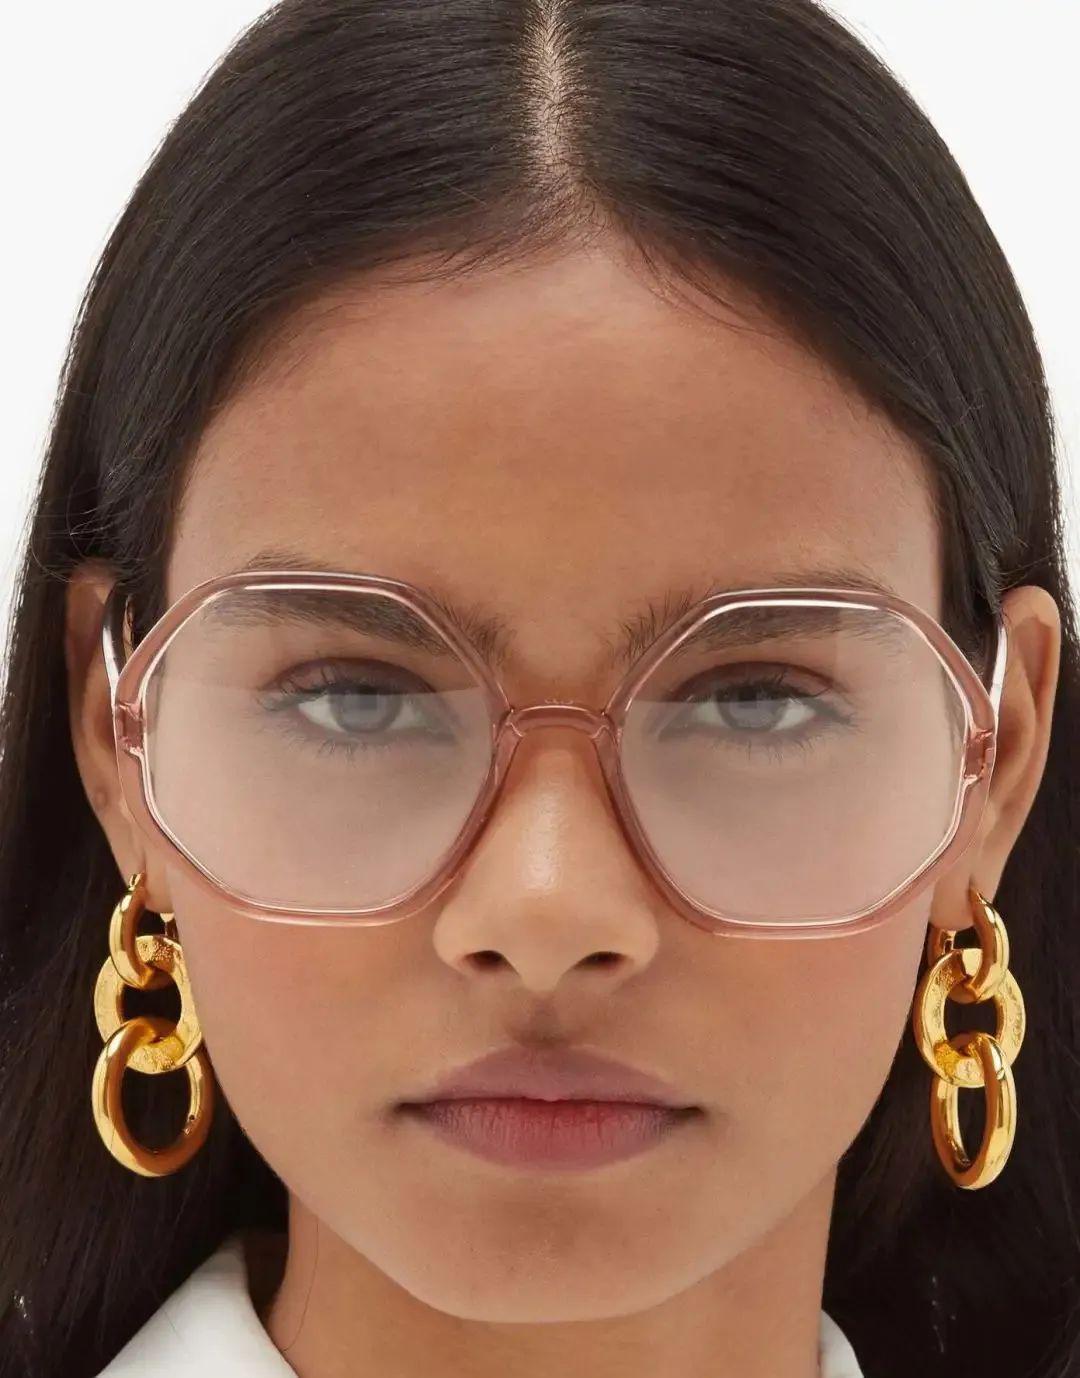 戴眼镜的十大忌讳